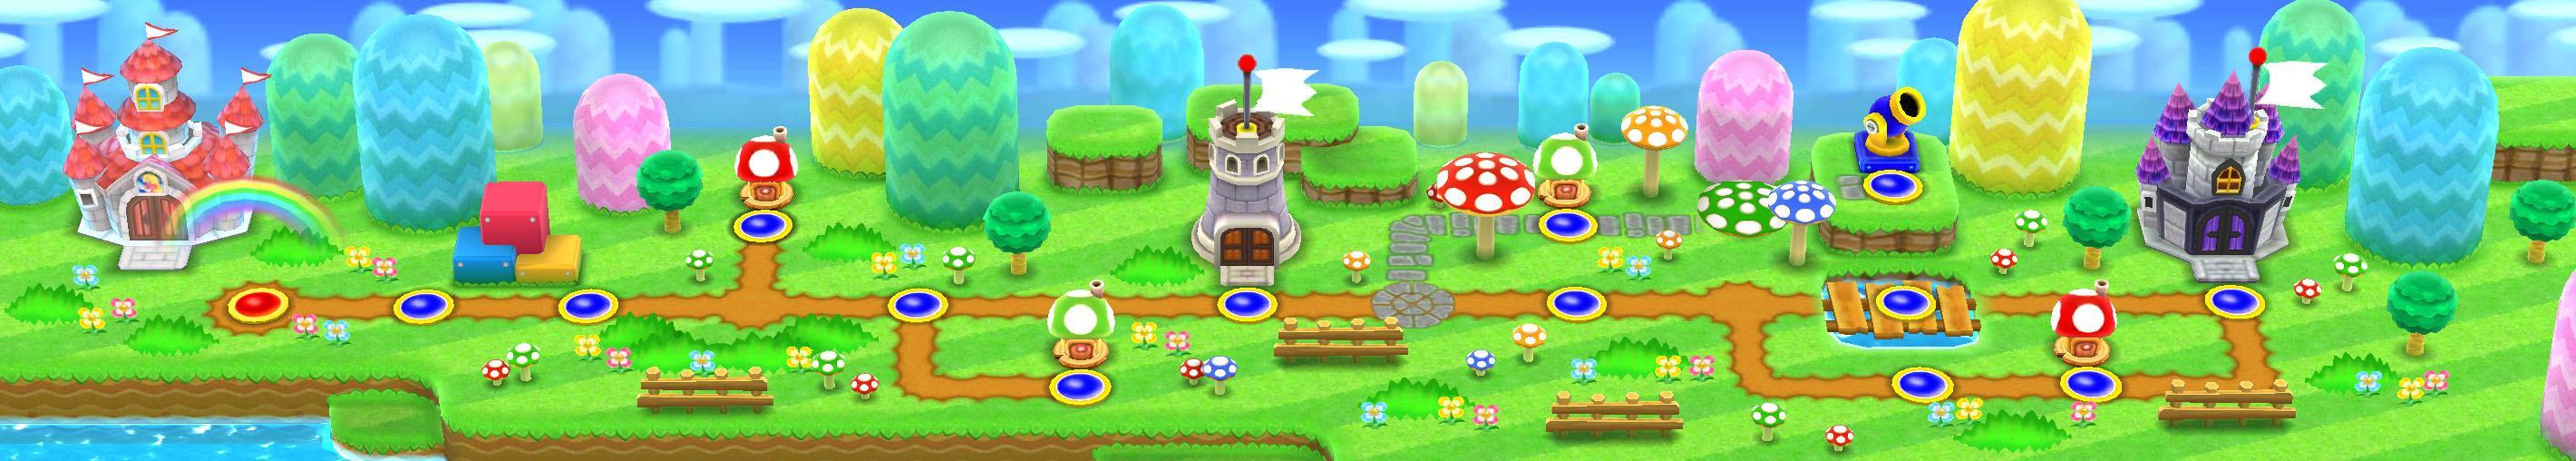 How Far From The Mushroom Kingdom Is Dk Island Super Mario Odyssey